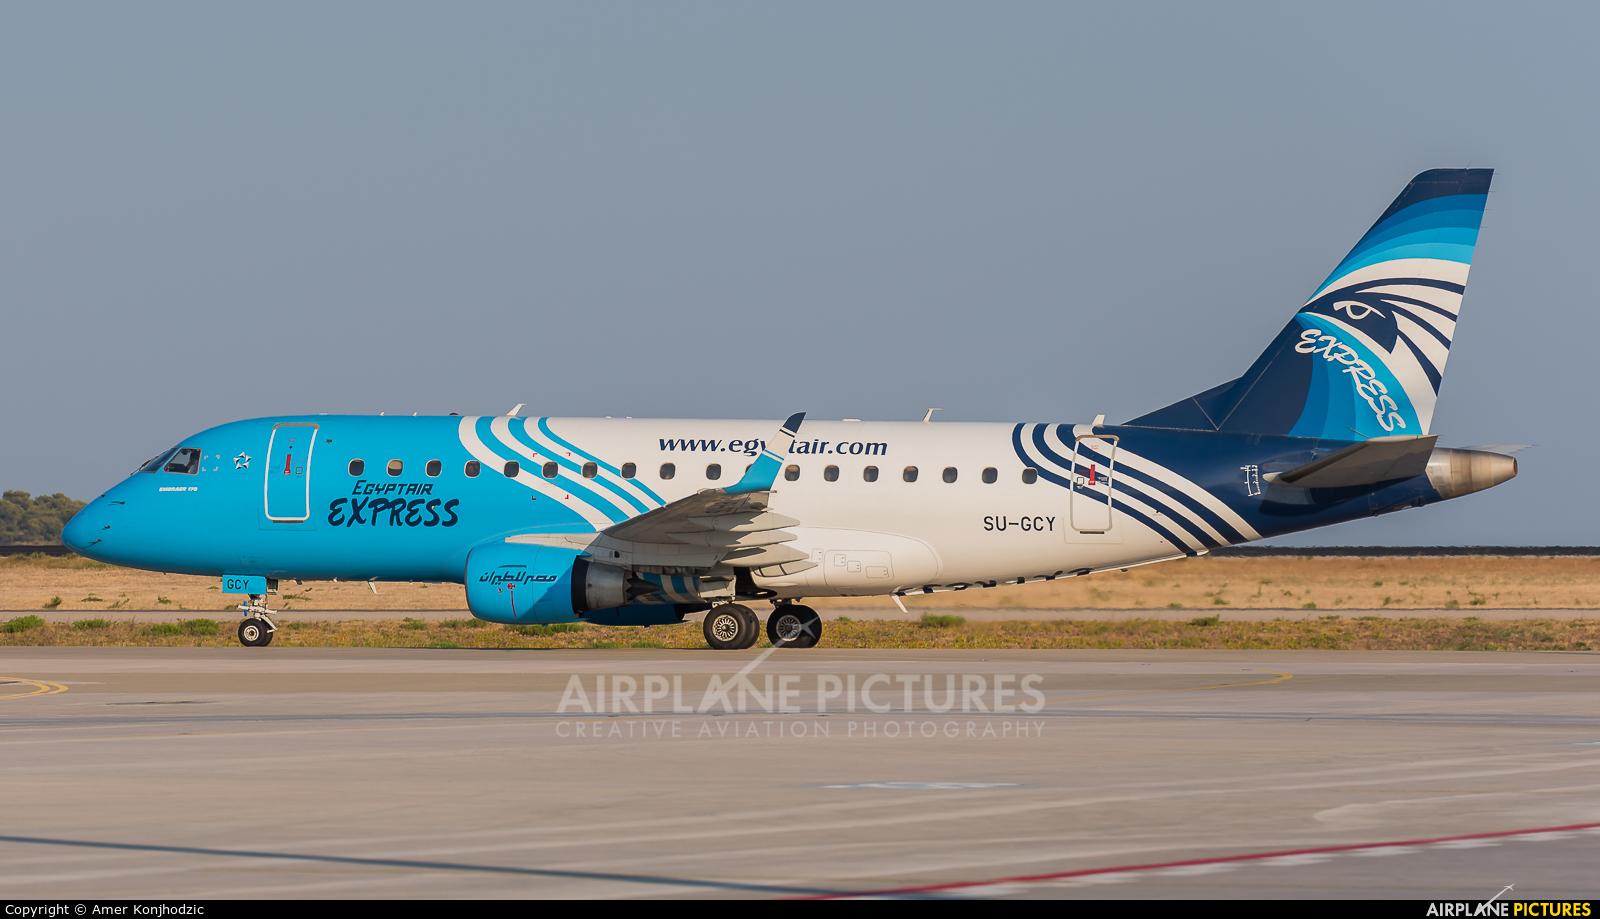 Egyptair Express SU-GCY aircraft at Athens - Eleftherios Venizelos